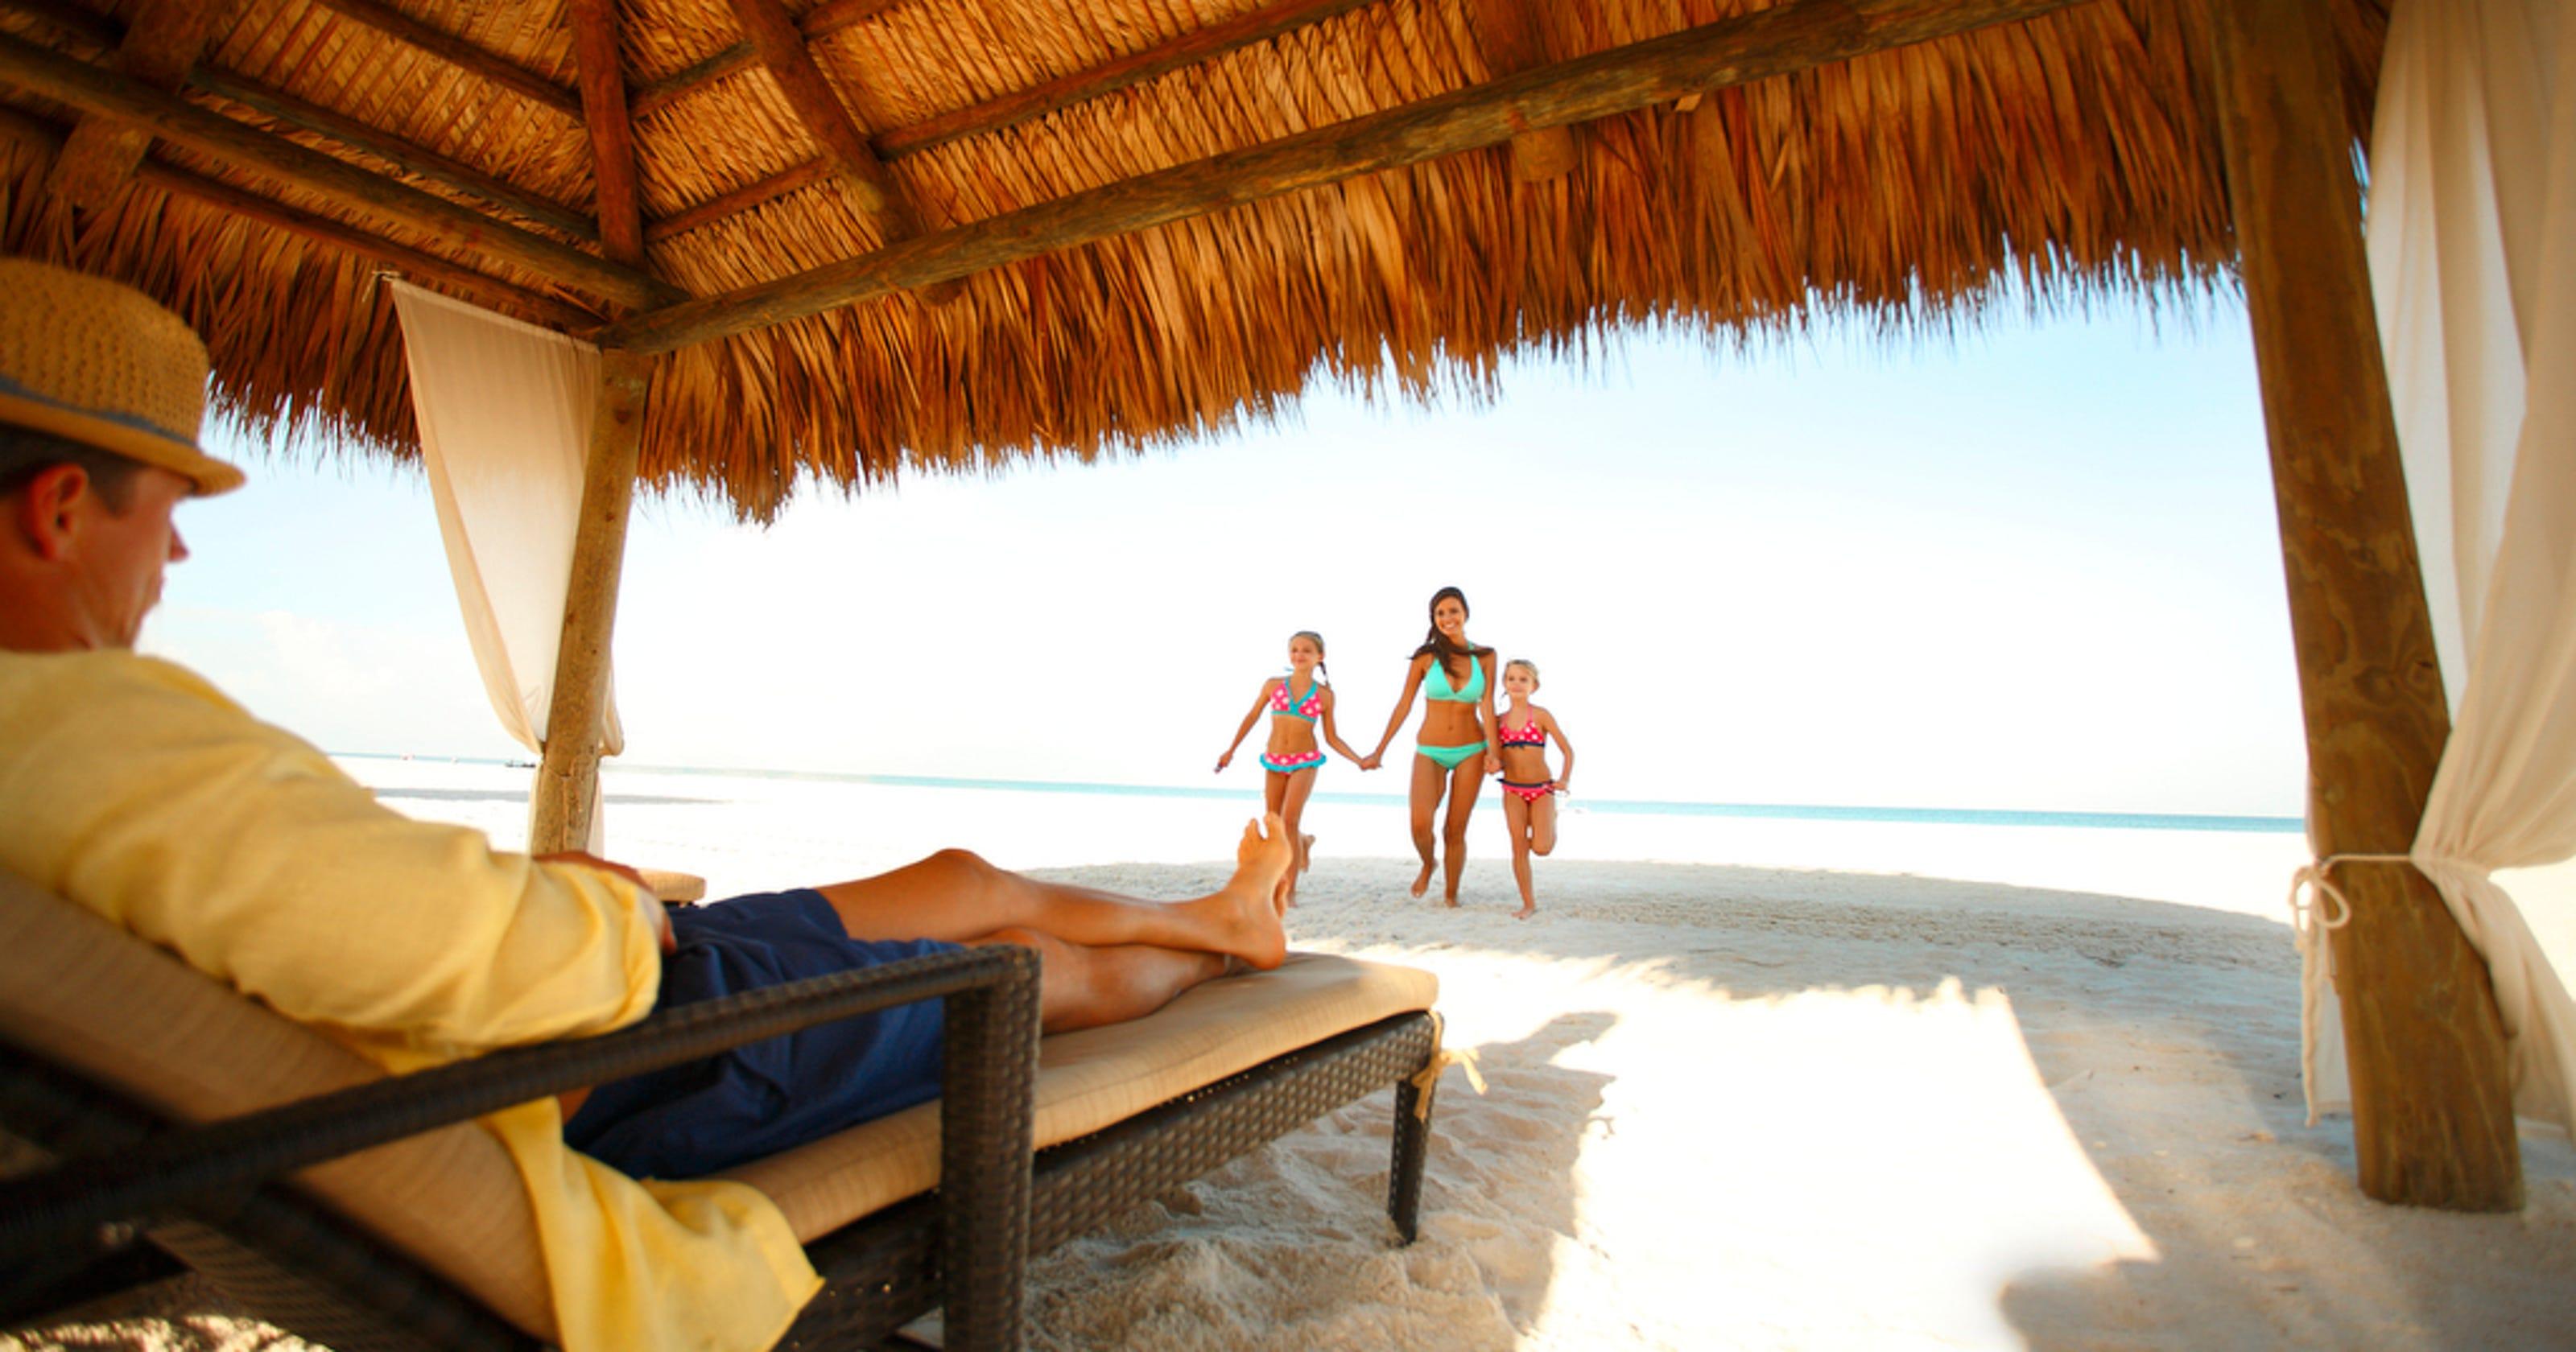 36beac649d0e5 Discover the secrets tourists already know